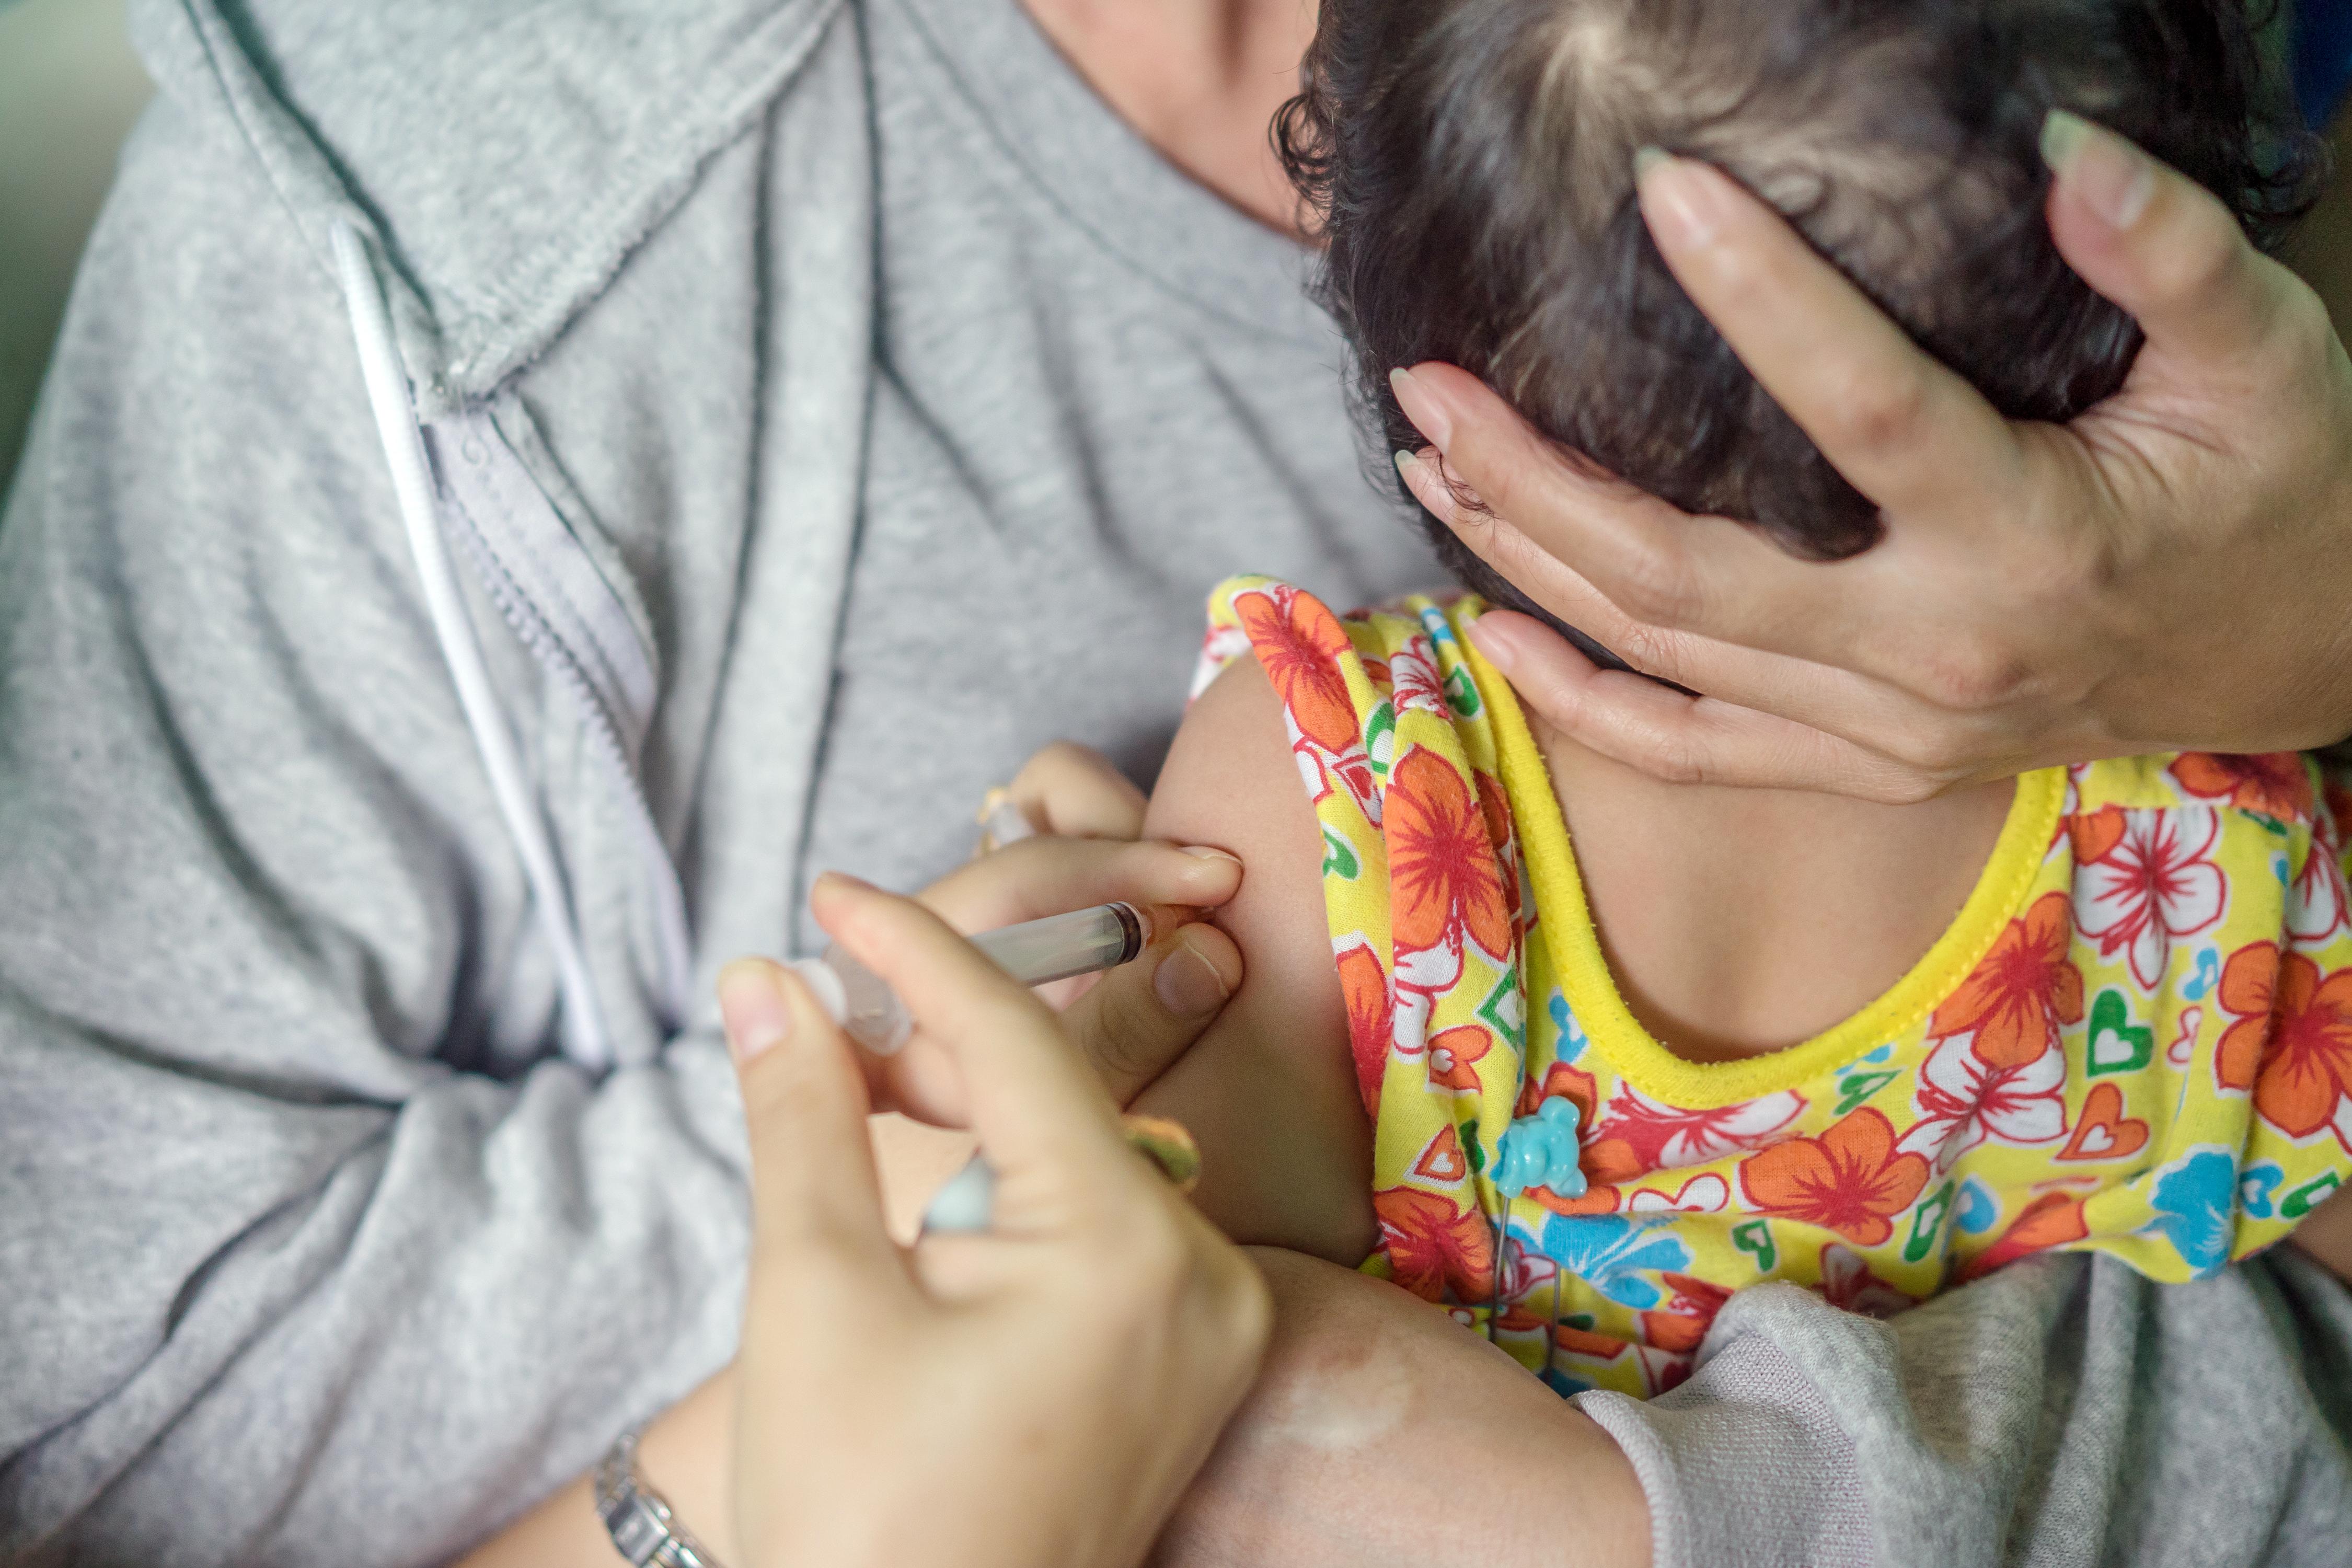 Italien inför obligatorisk vaccination - dryga böter för den som vägrar